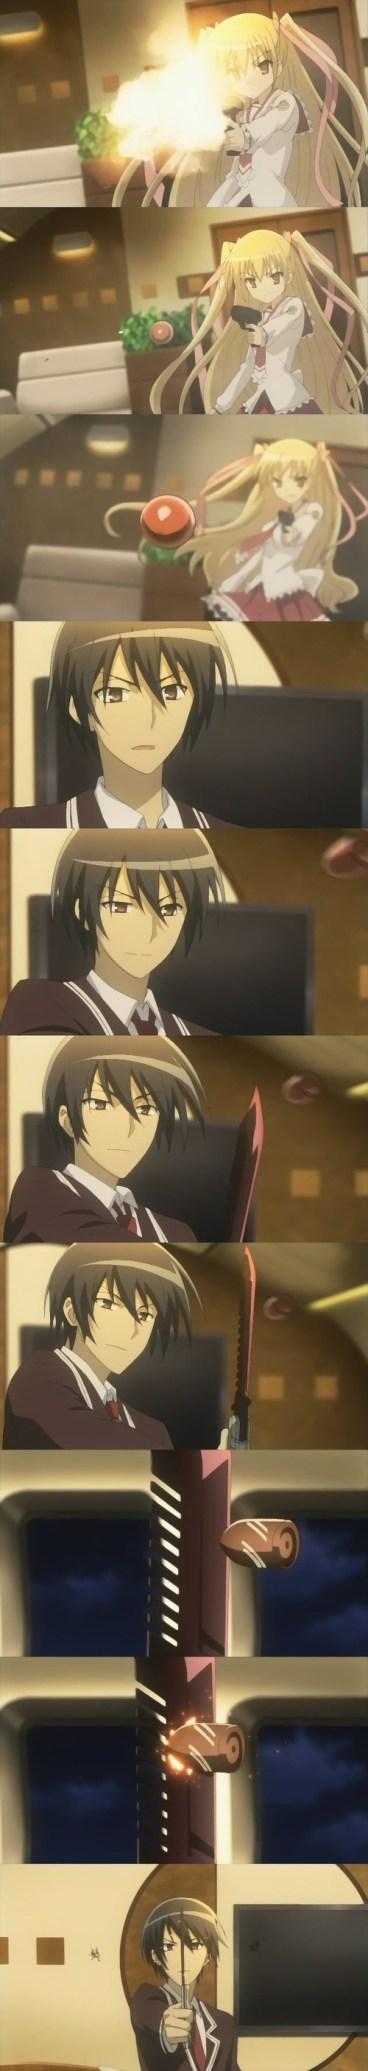 anime20ch76767